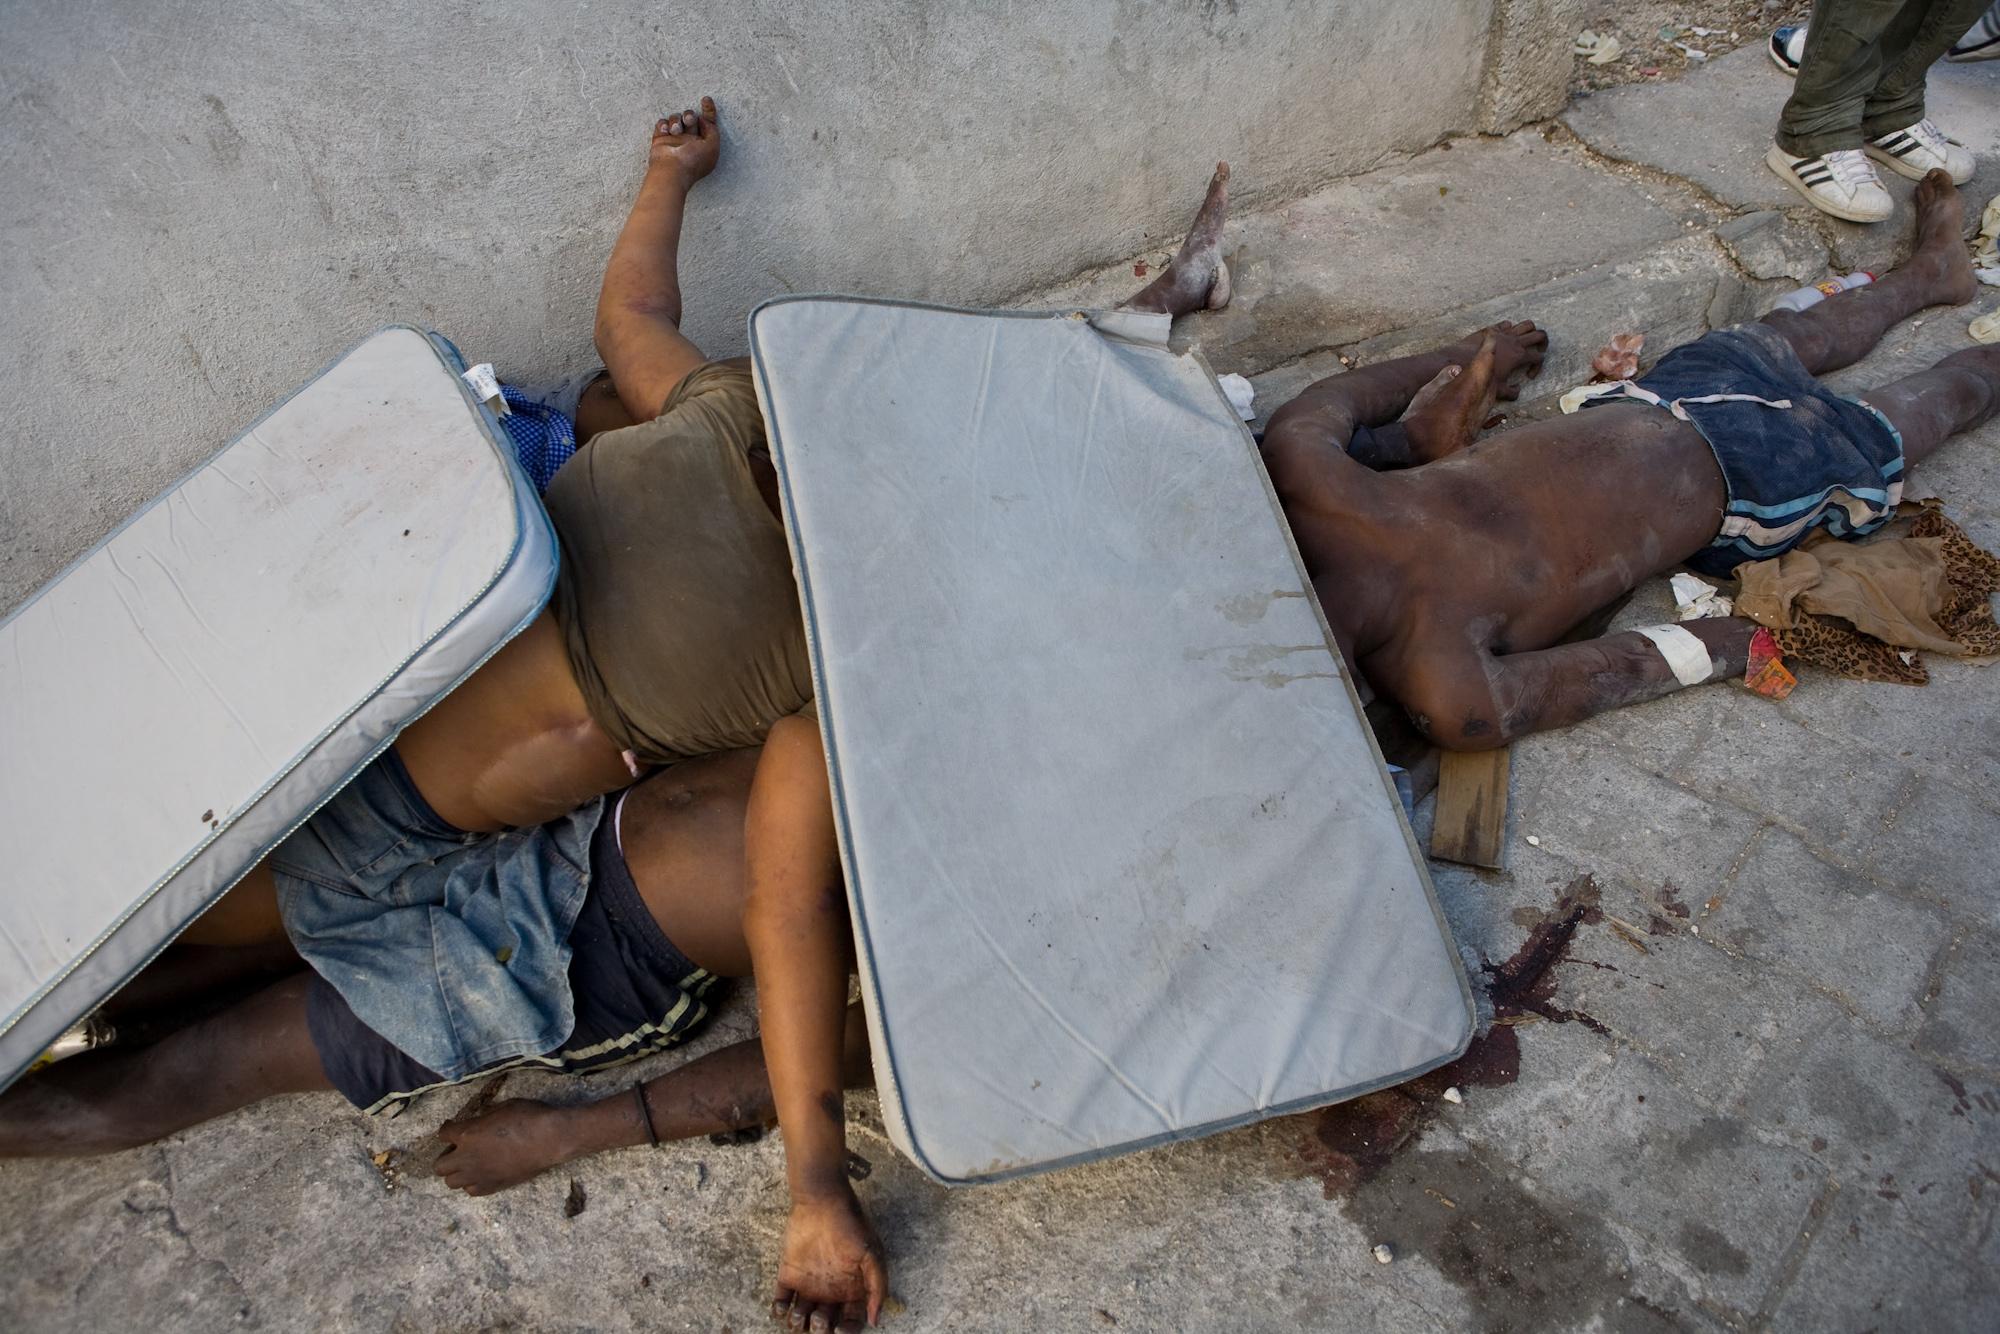 Haiti_Earthquake_new_seq_006.jpg